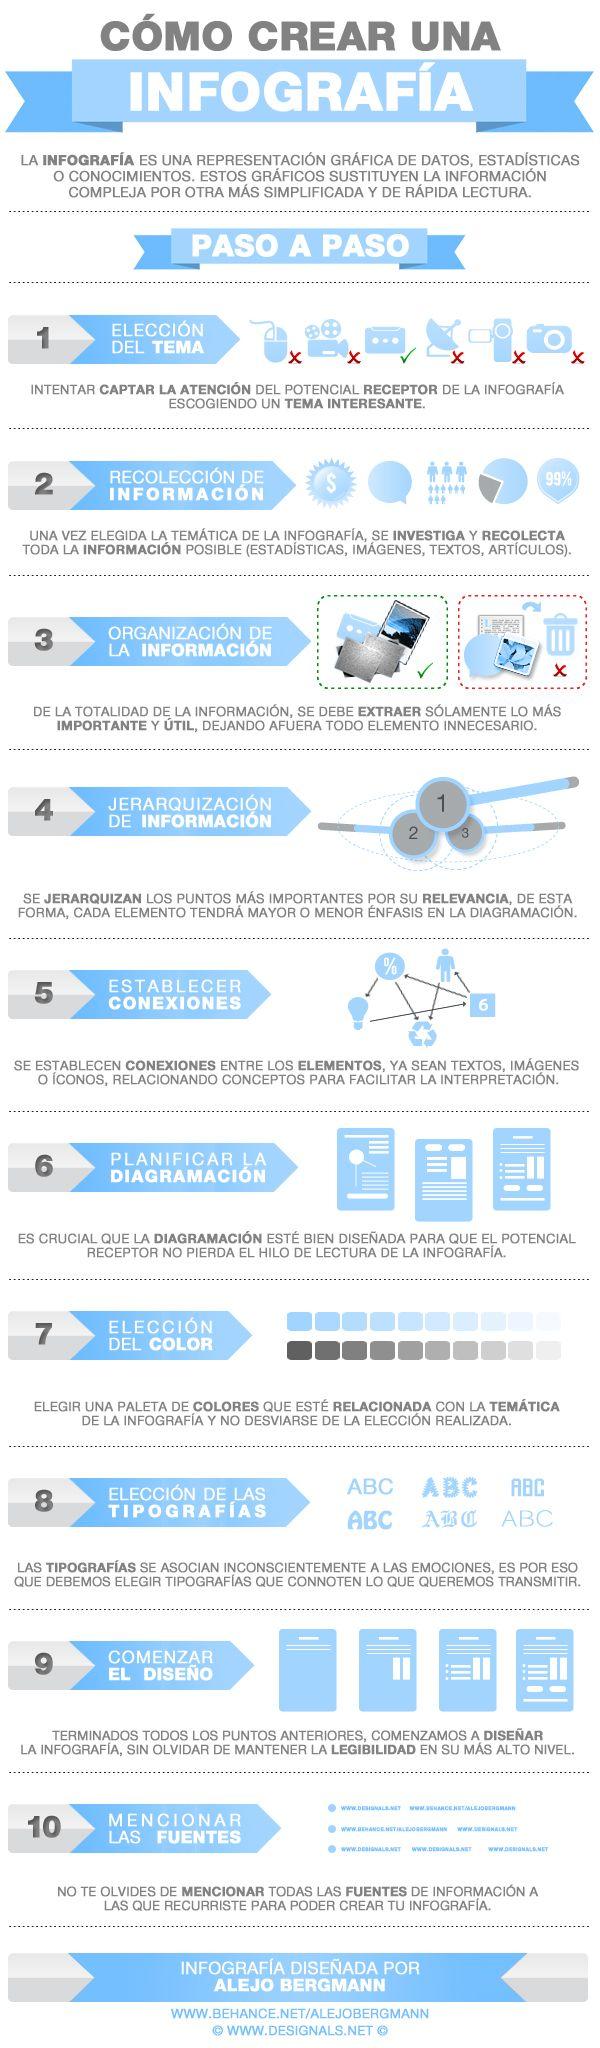 Cómo crear una #Infografia y qué debemos tener en cuenta. Aquí una #inpografia para que apliques